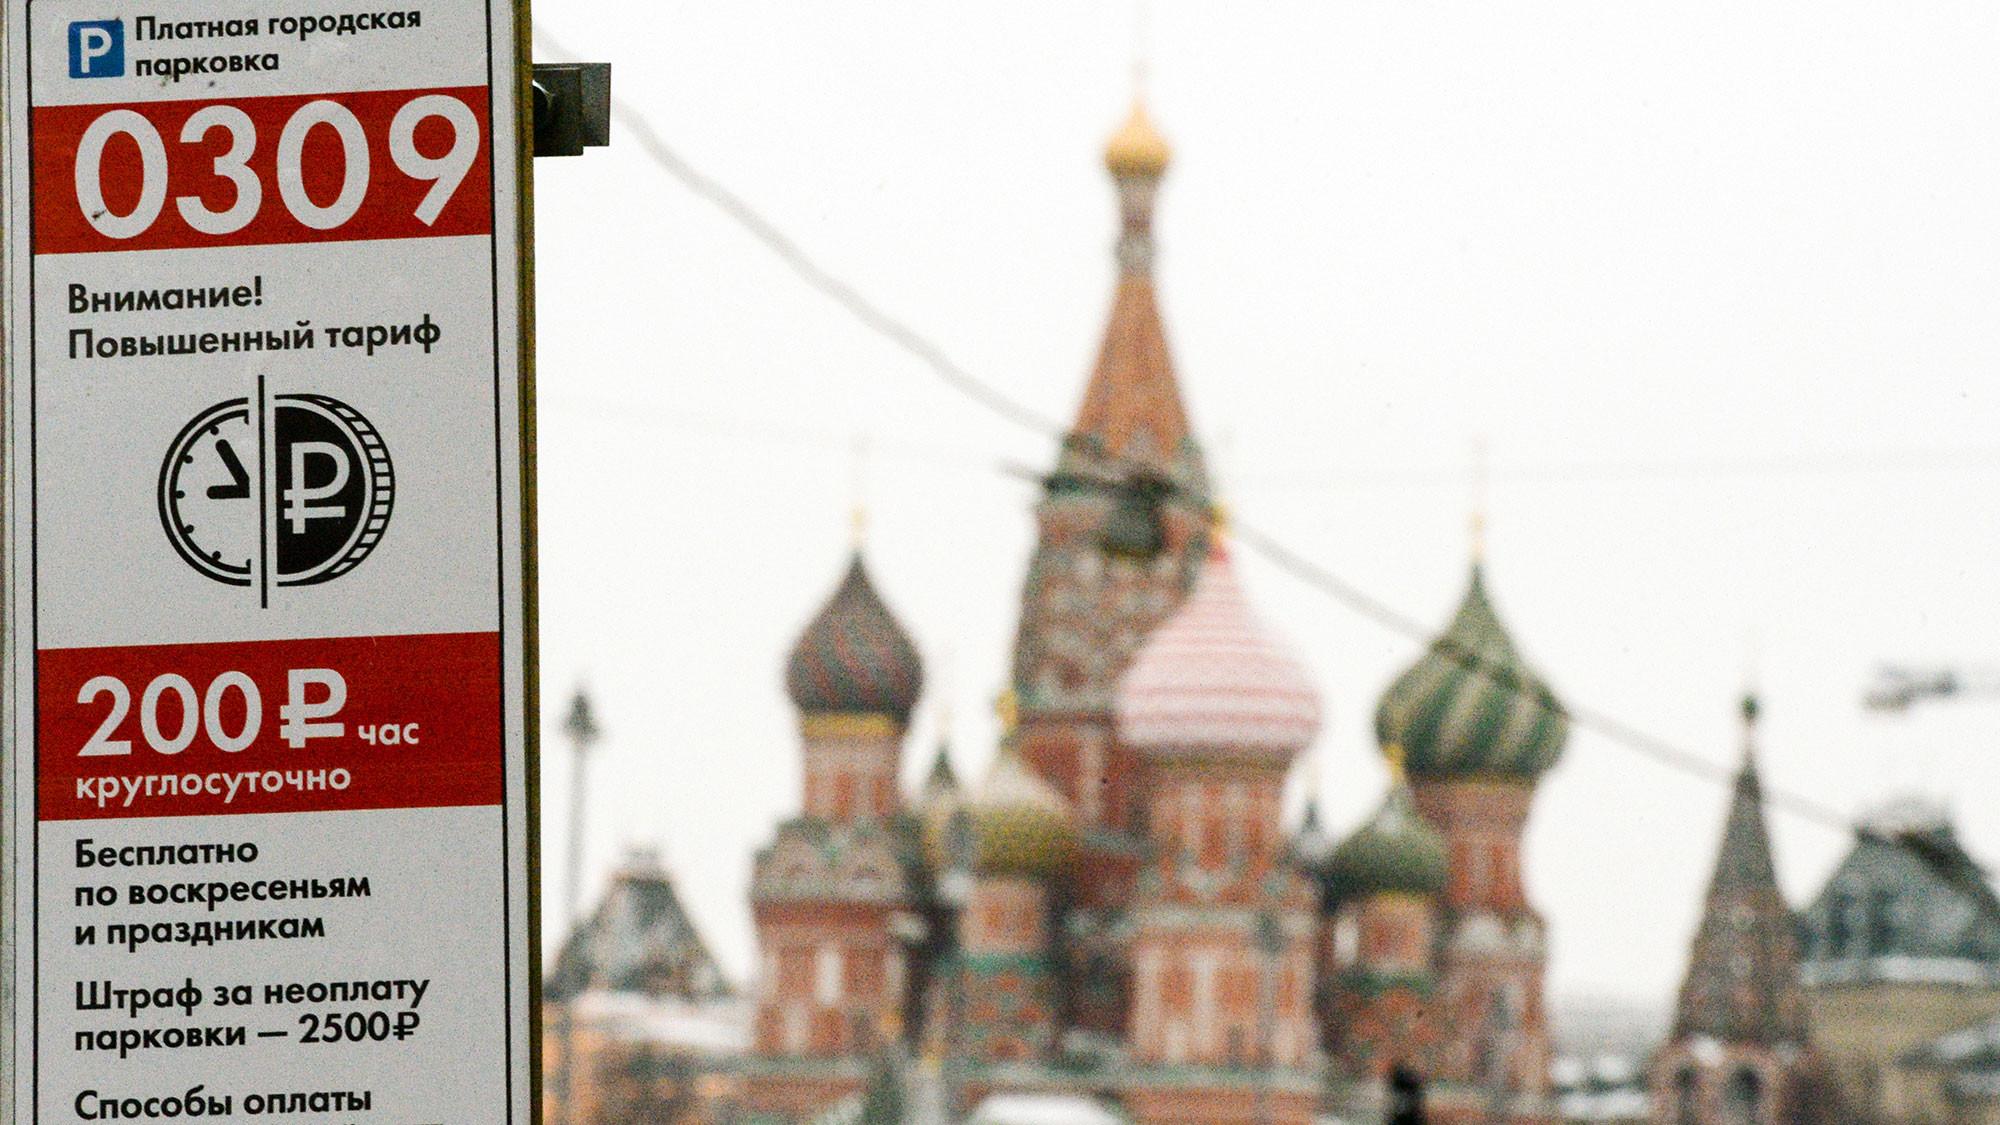 <p>Фото: &copy; РИА Новости /&nbsp;Евгений Одиноков</p>